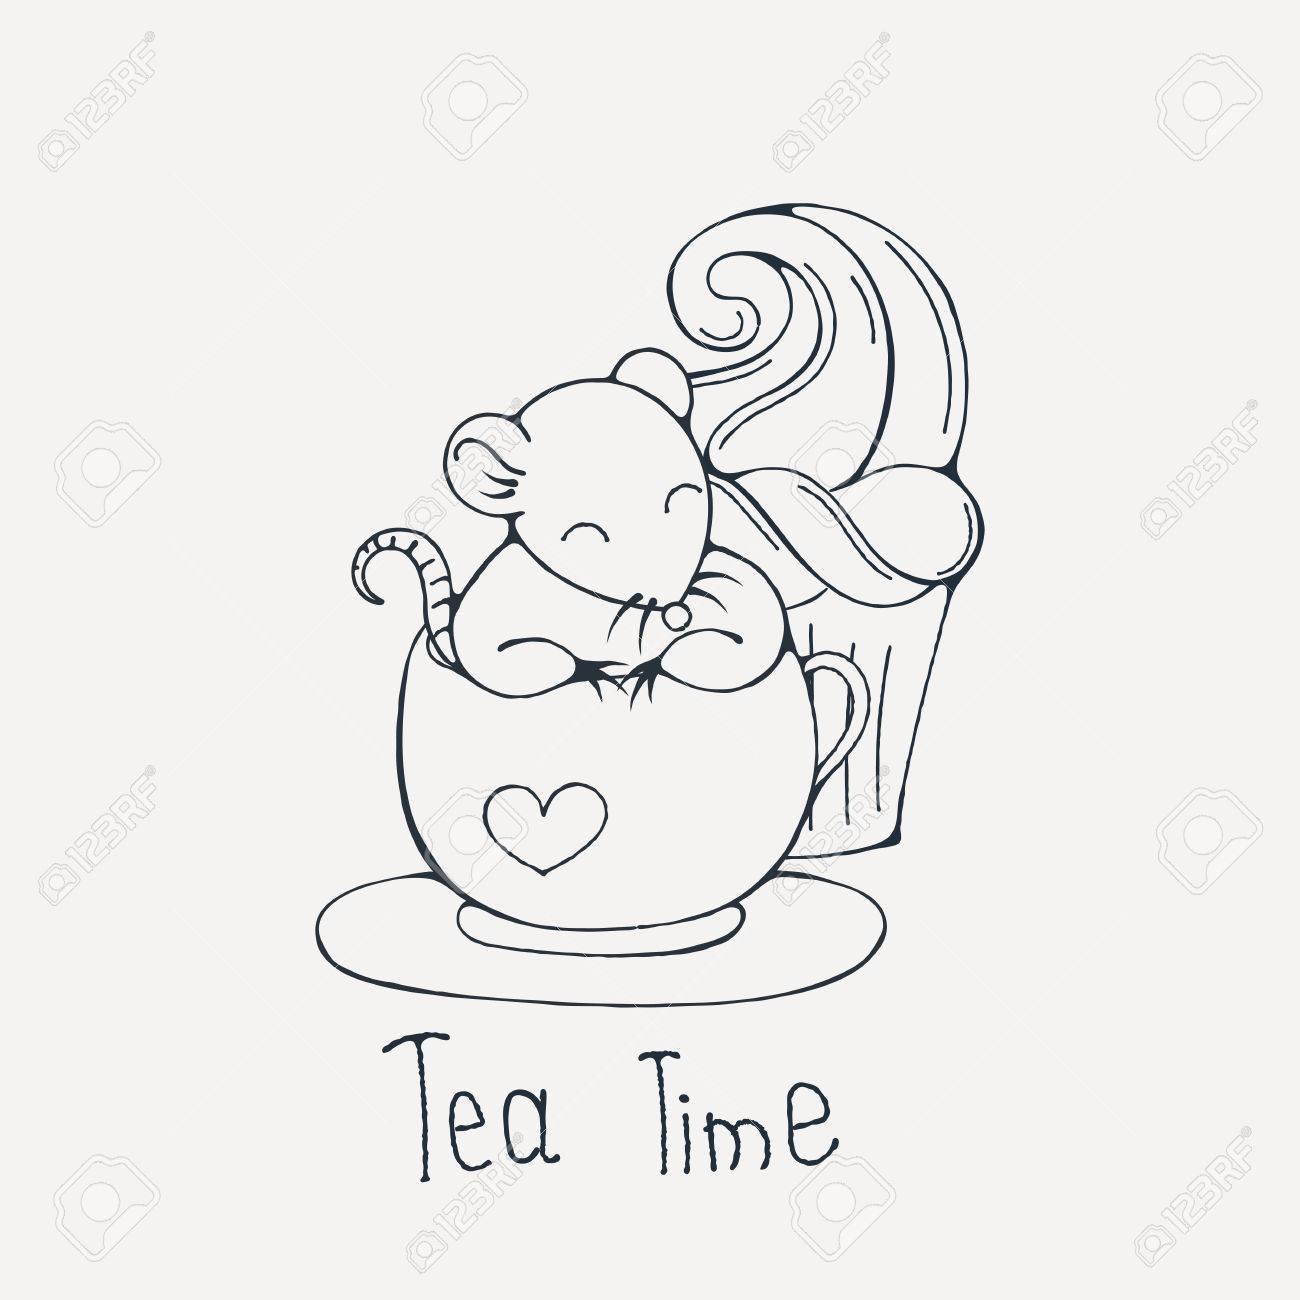 Ilustración Con Linda Rata En Una Taza De Té O Café Con Pastelitos ...